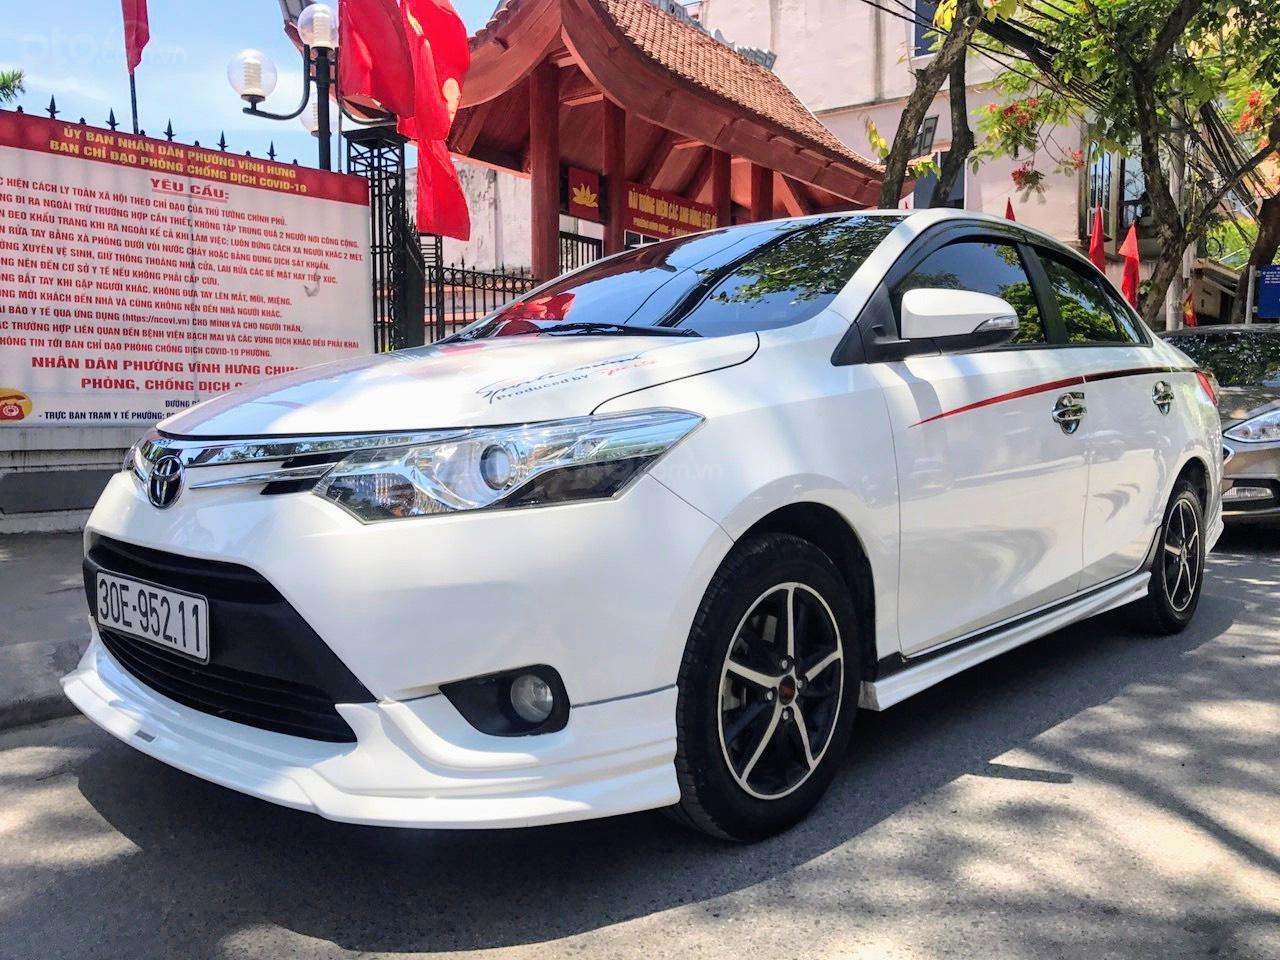 Bán Toyota Vios G 1.5AT 2017 bản thể thao (1)